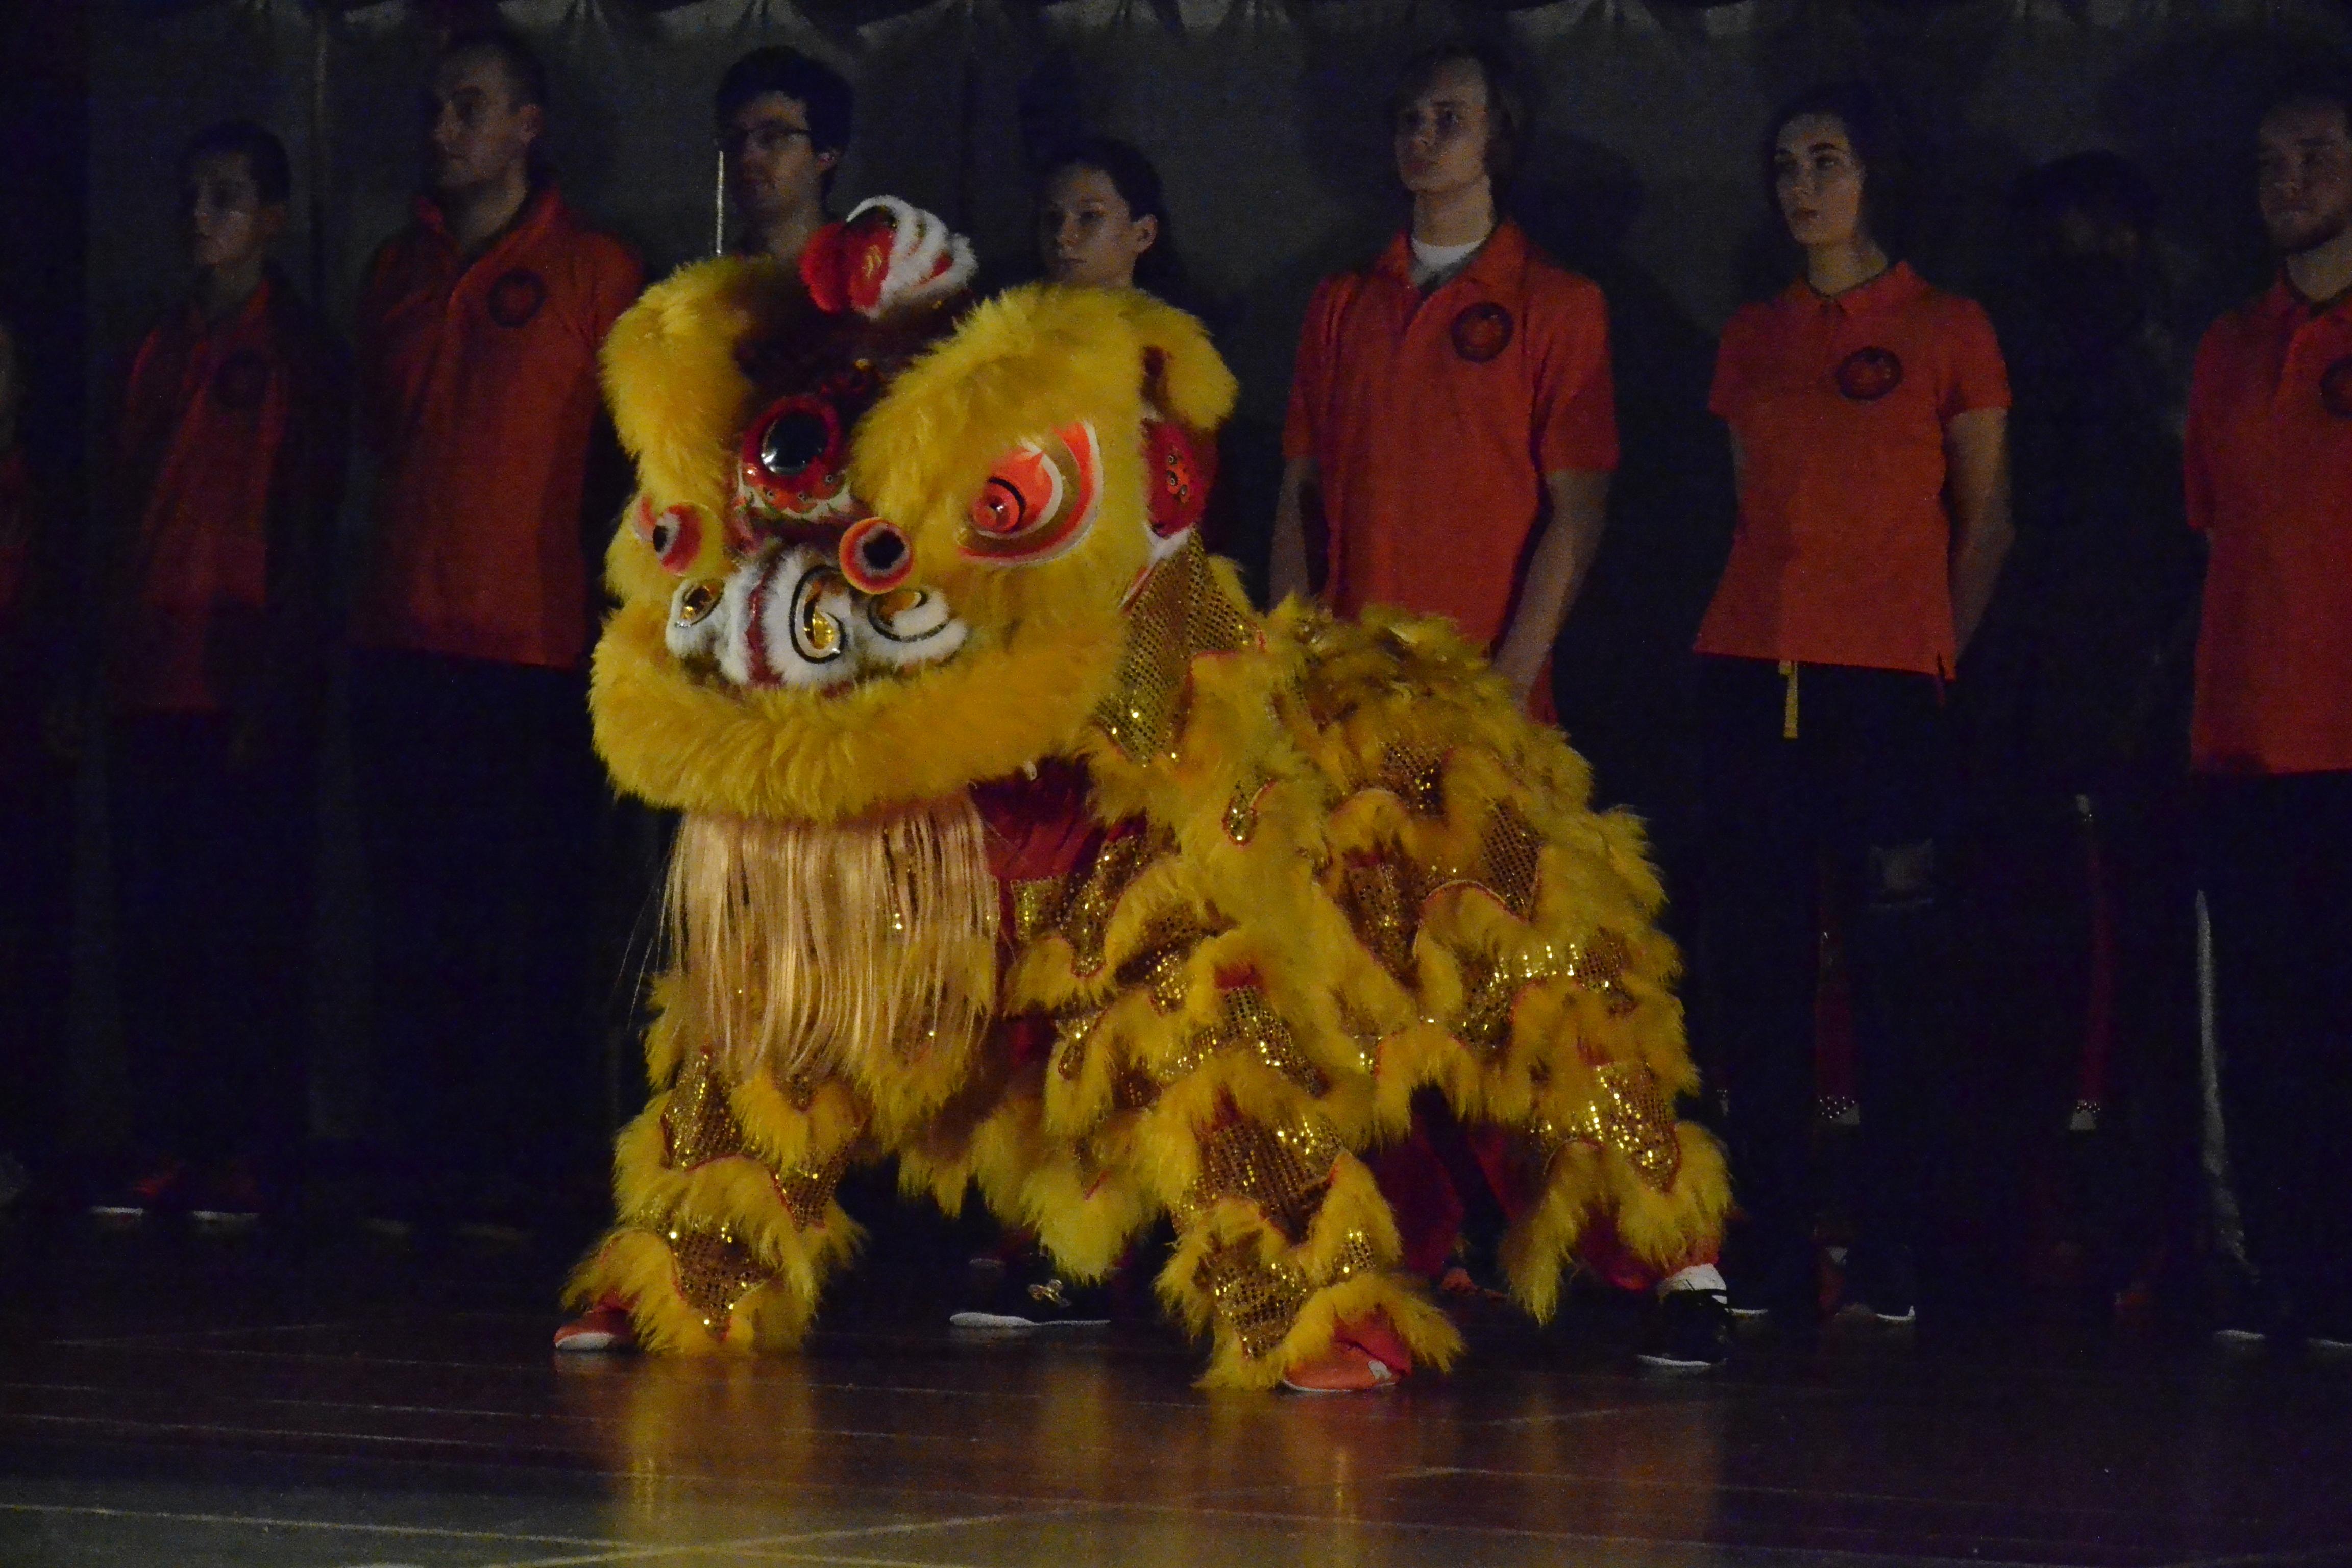 IV WUSHU SHOW - Pokazy chińskich sztuk walki Kung Fu / Wushu szkoły Złoty Lew (25.11.2017)